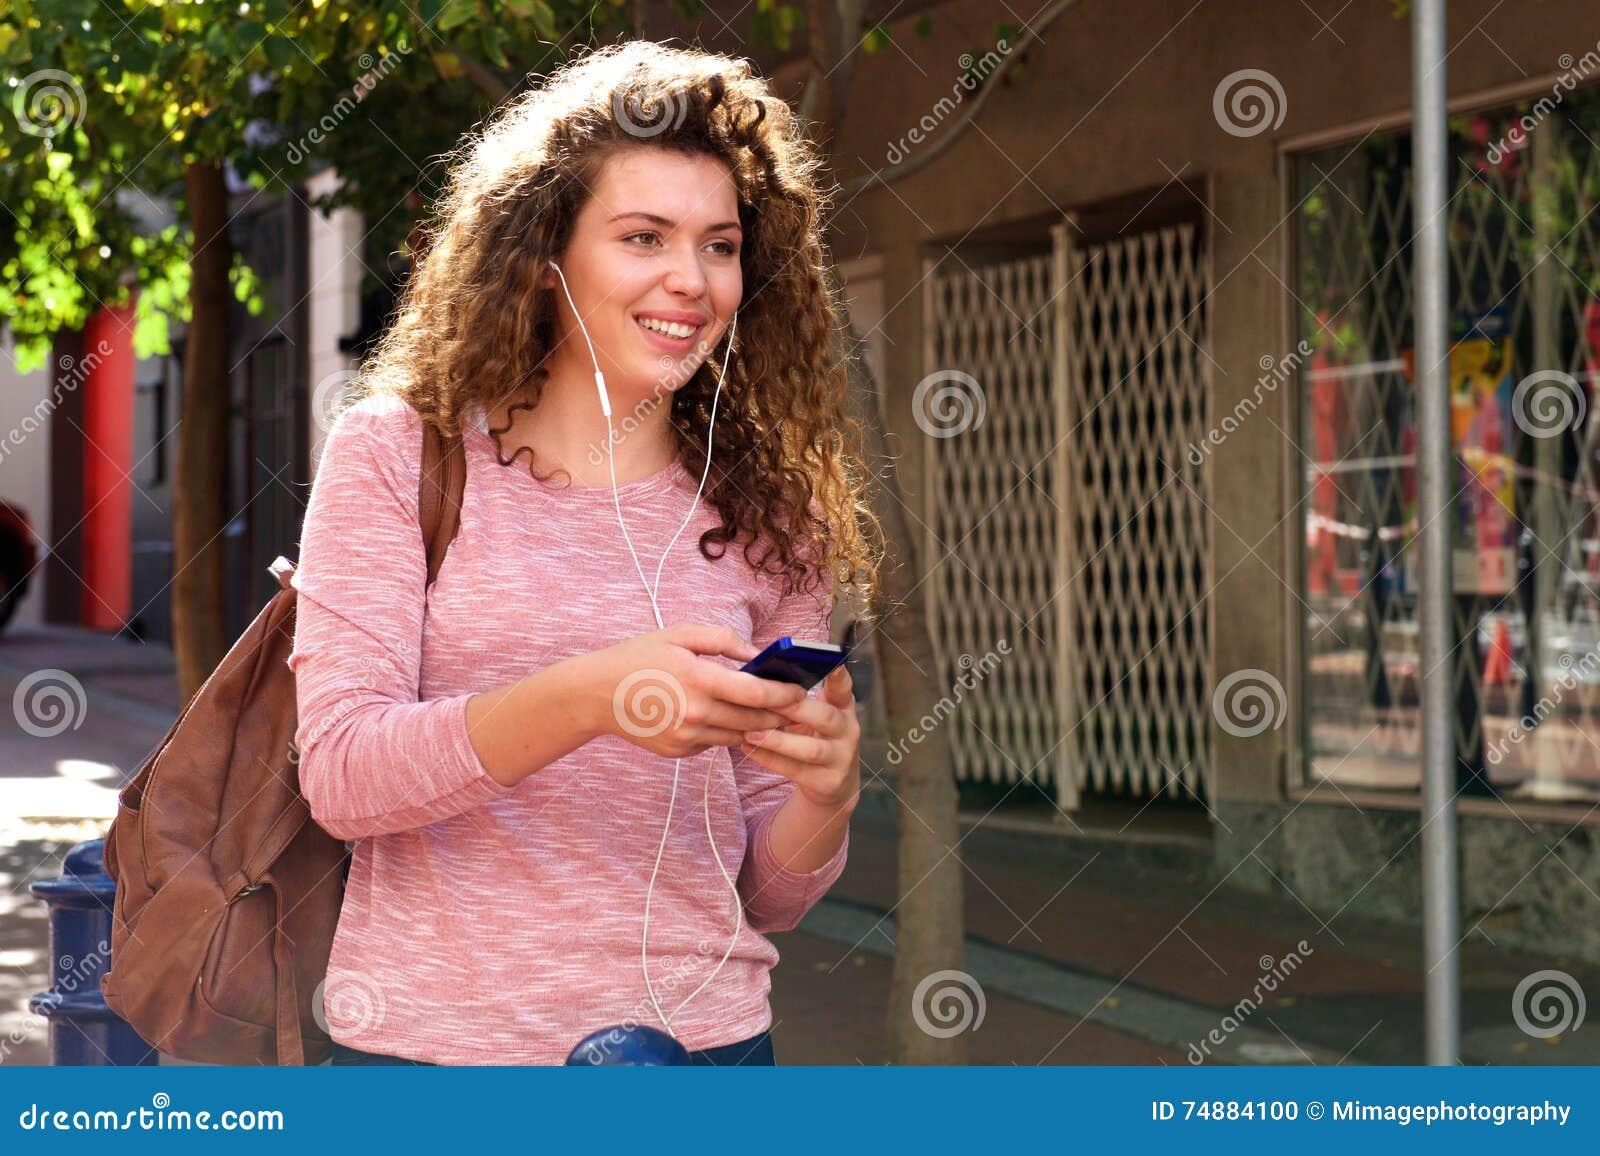 Passeio adolescente feliz no passeio com fones de ouvido e móbil